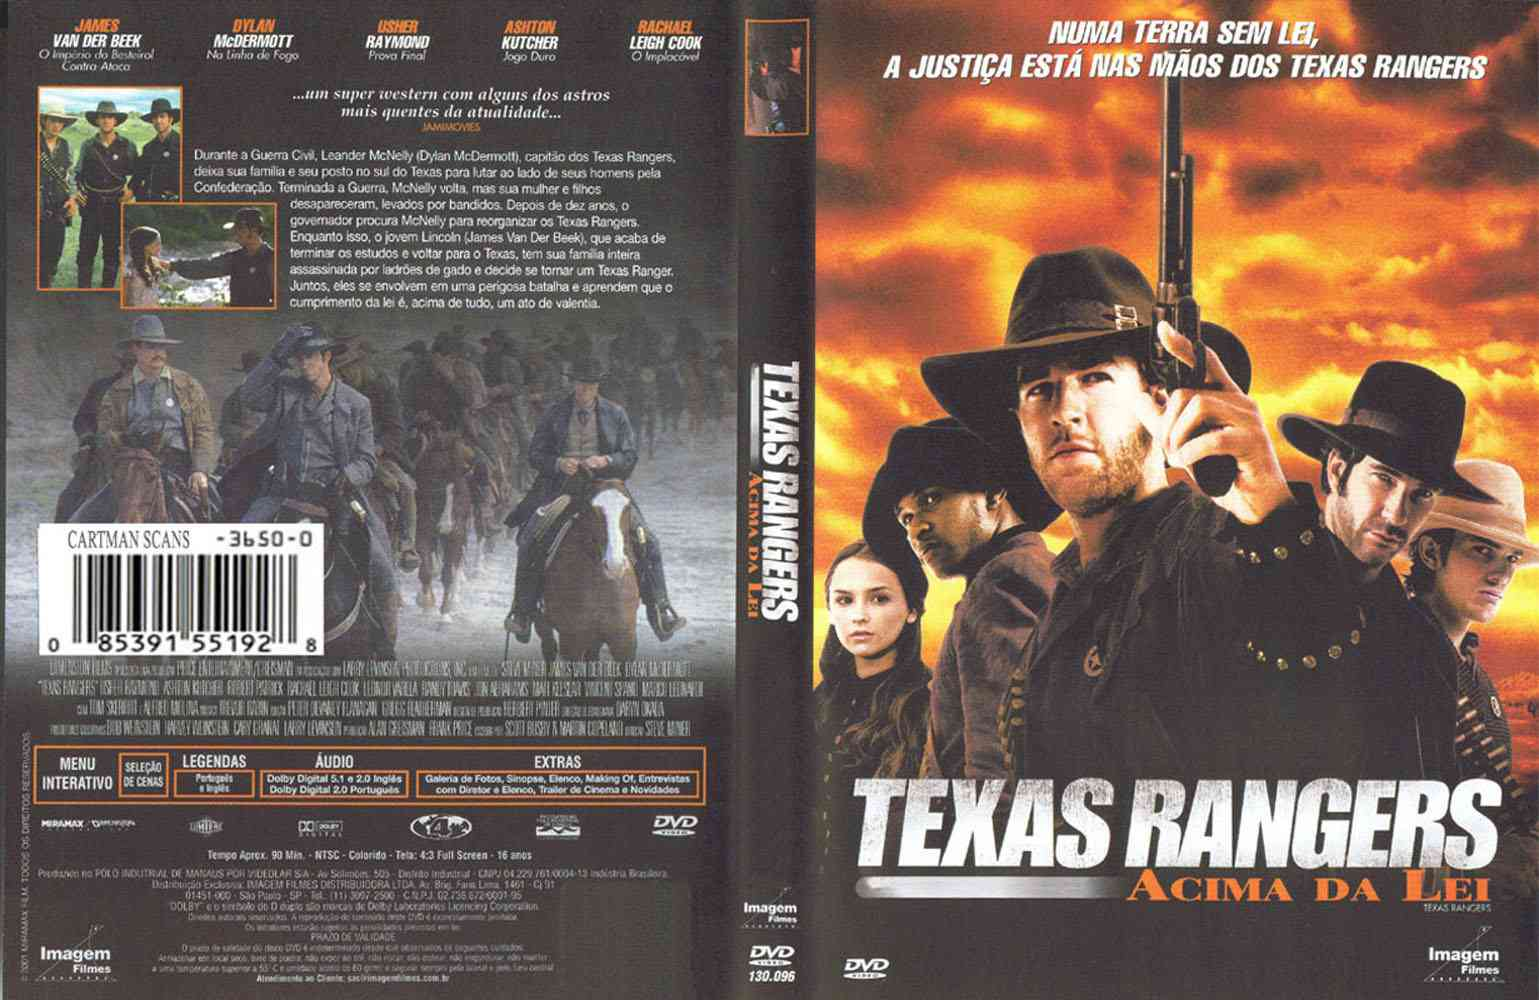 Texas Rangers - Acima da Lei